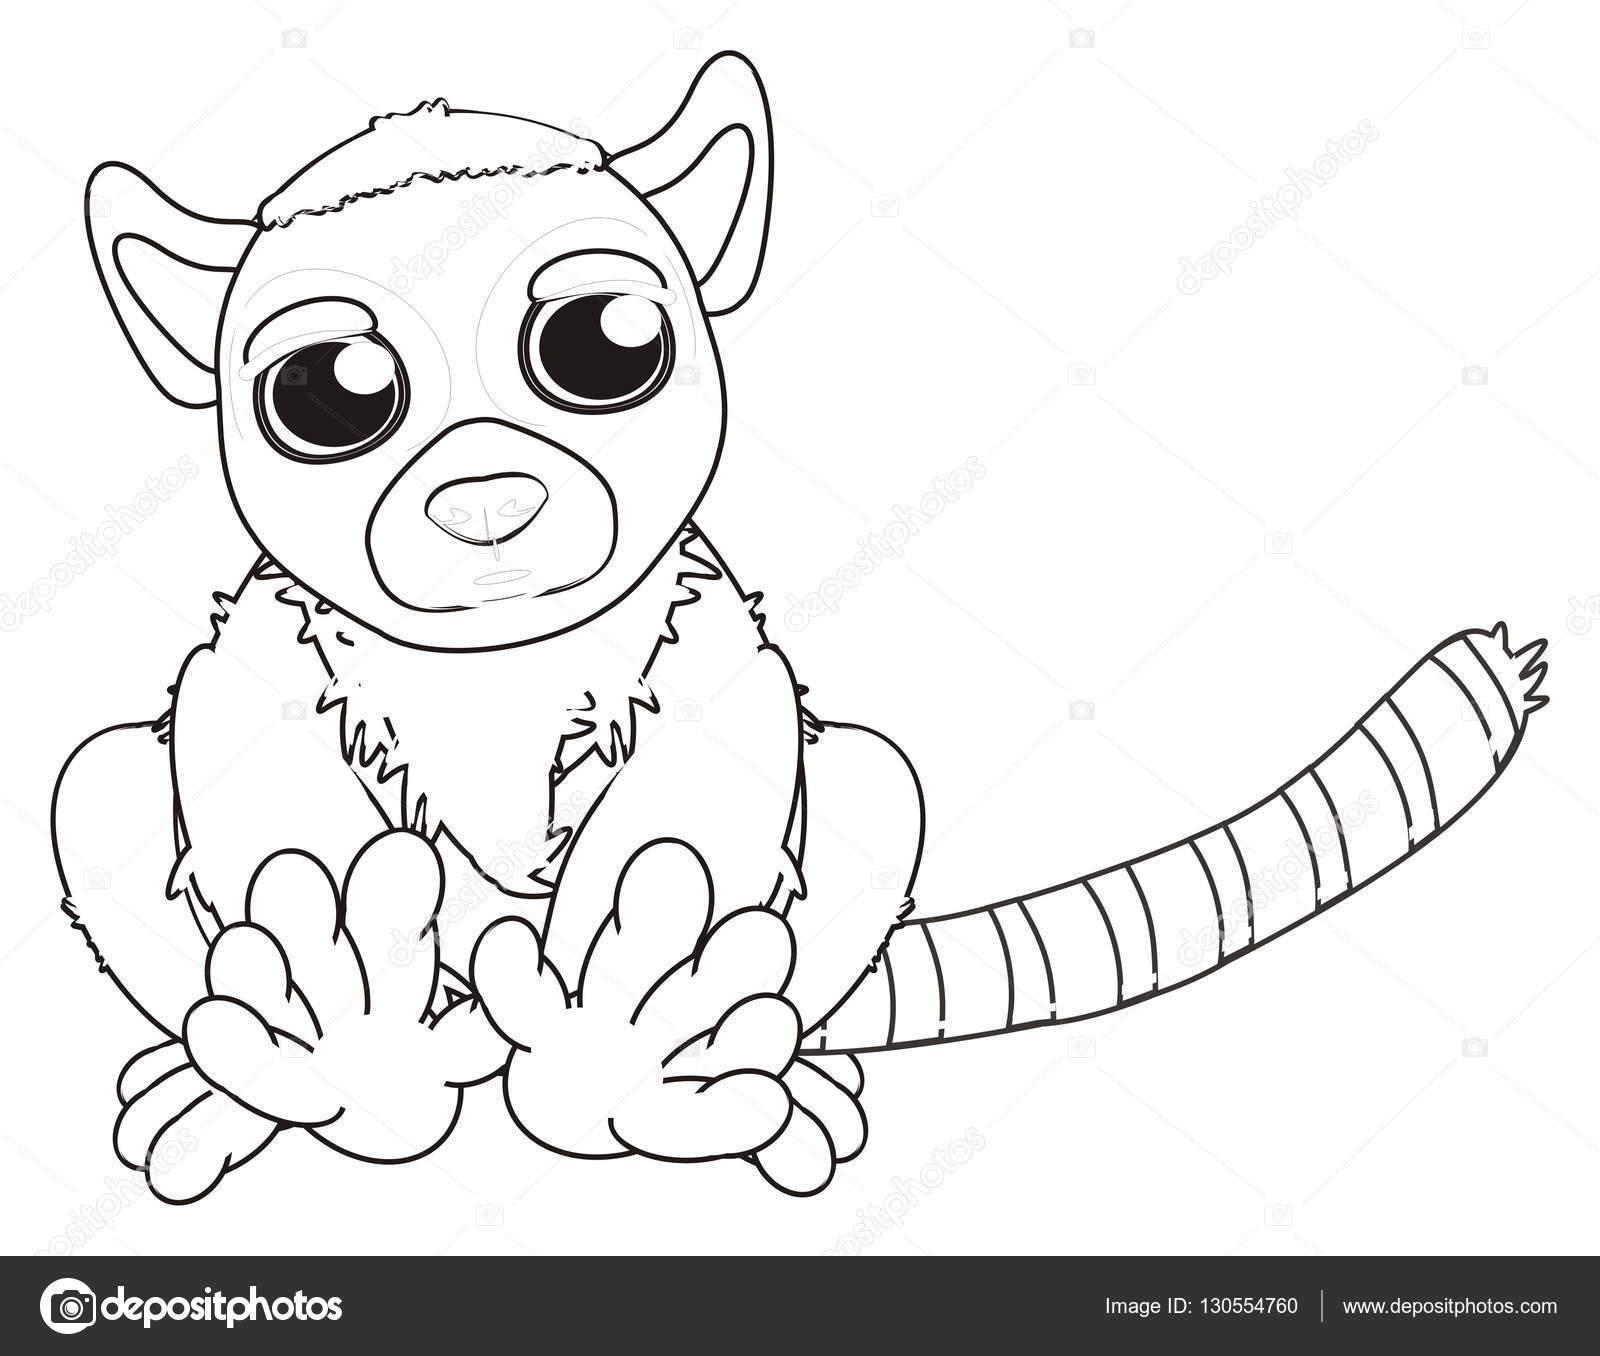 süße graue Färbung lemur — Stockfoto © tatty77tatty #130554760